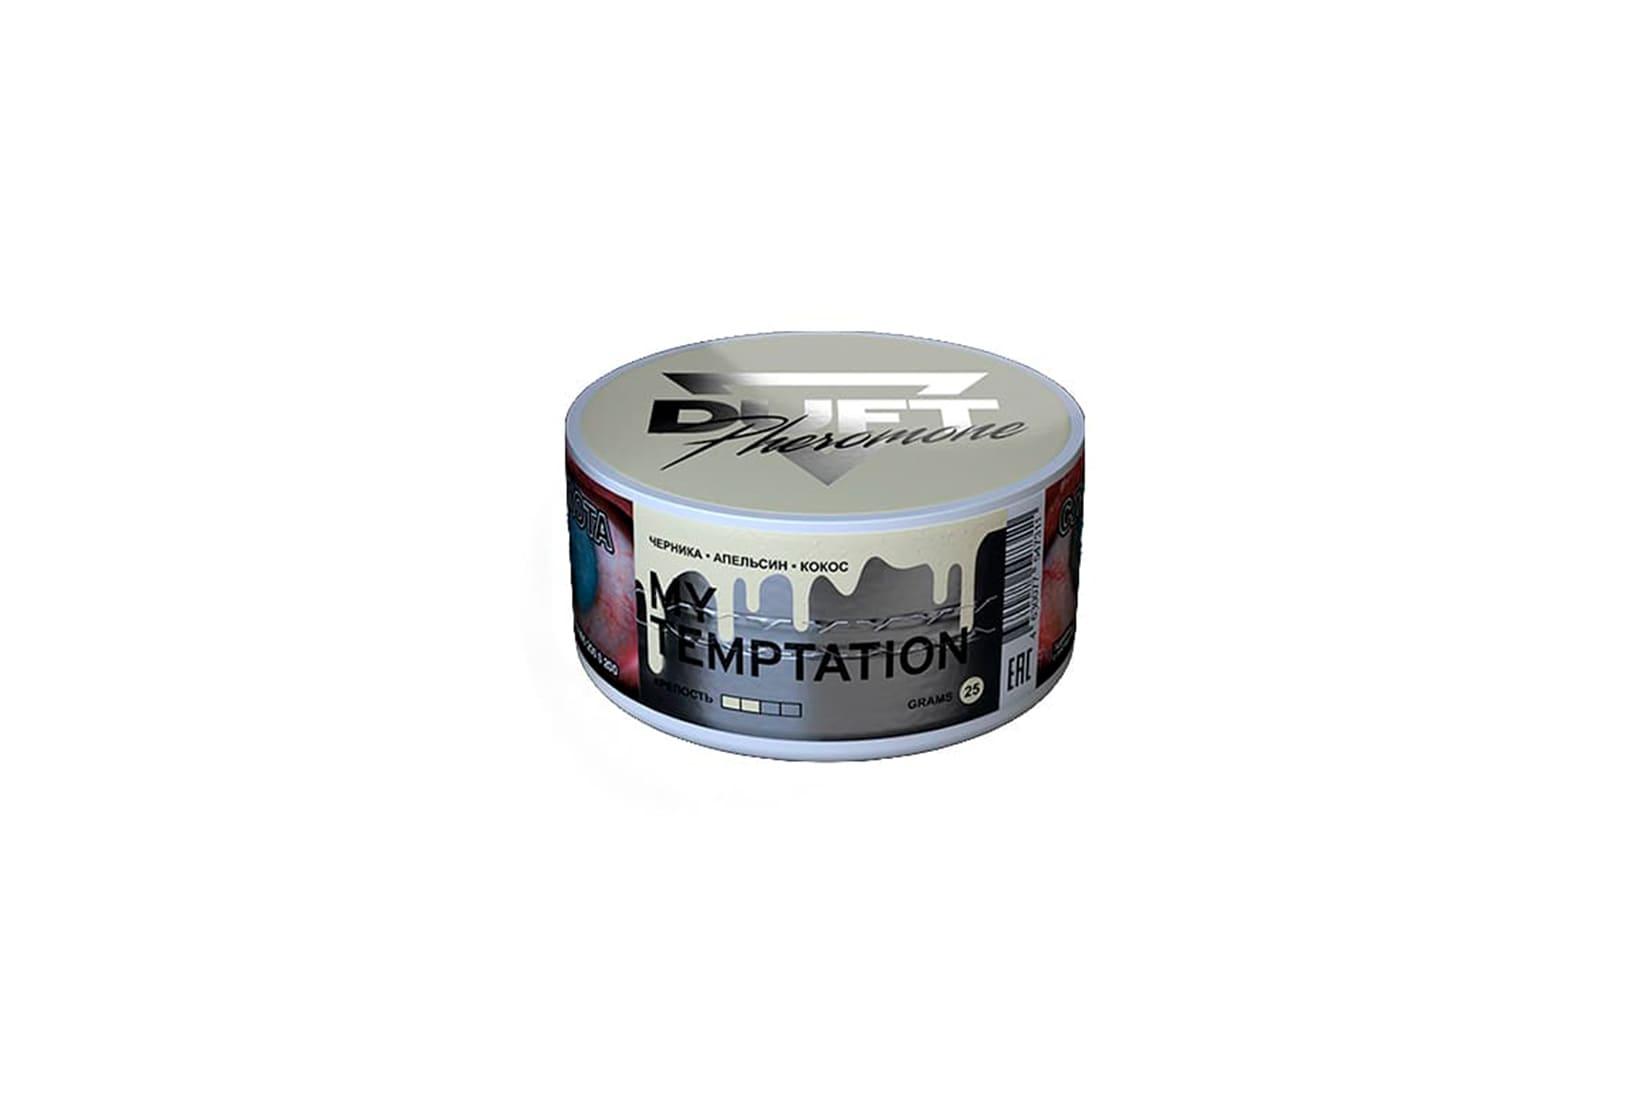 Табак для кальяна Duft Pheromon MY TEMPTATION: описание, миксы, отзывы